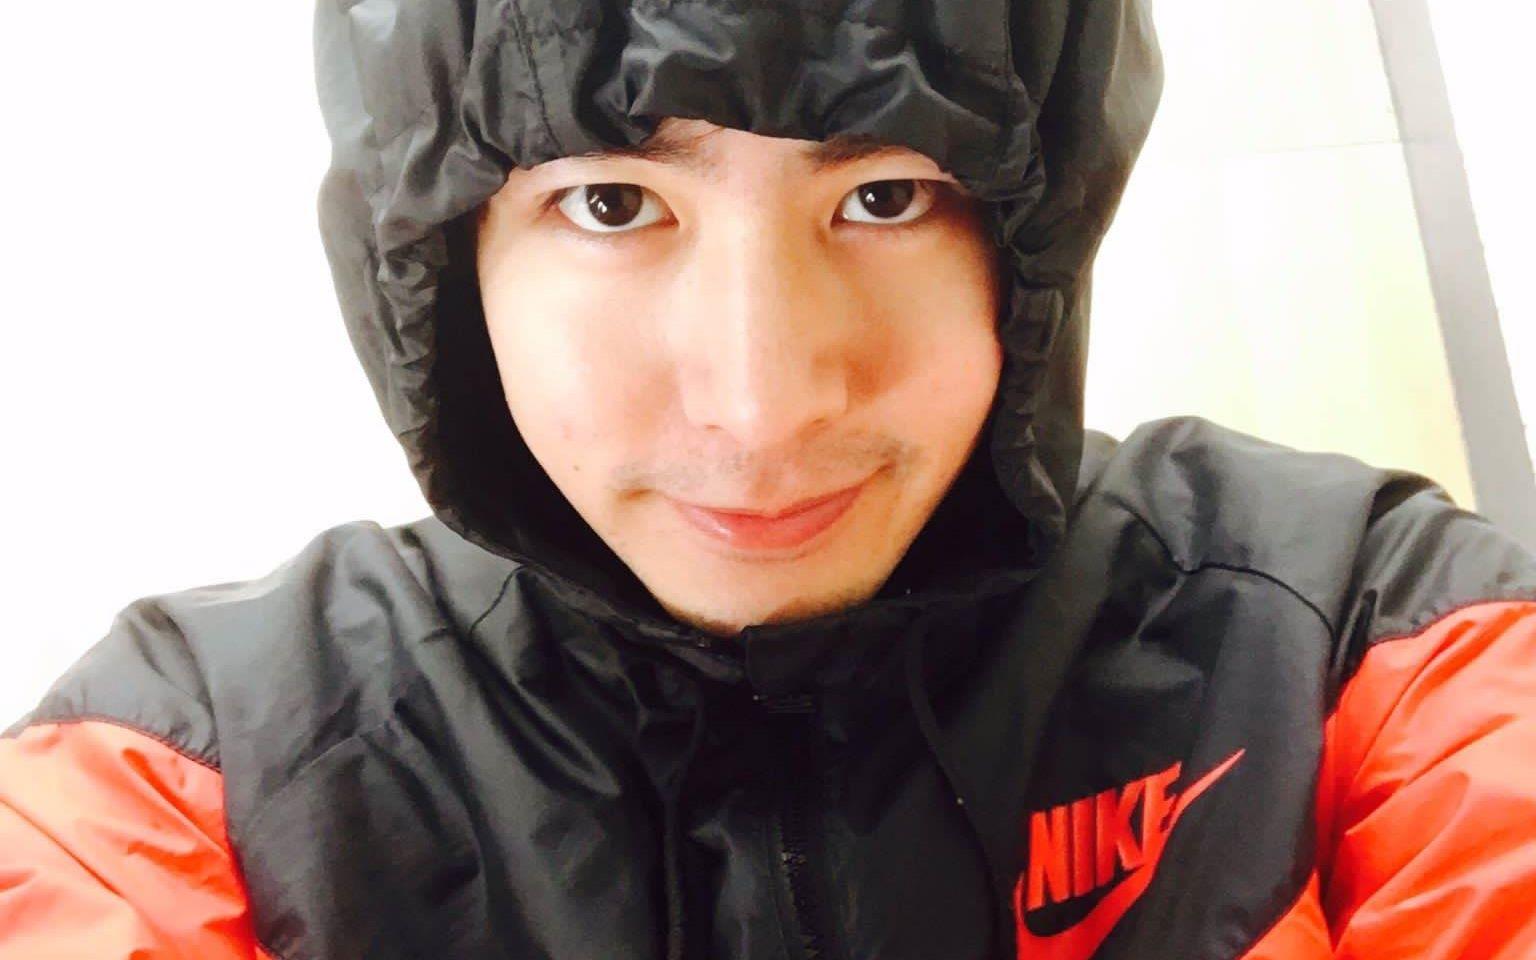 nichkhun微博头像_尼坤微信表情包-微信动态最火表情包,微信表情包下载,尼坤表情